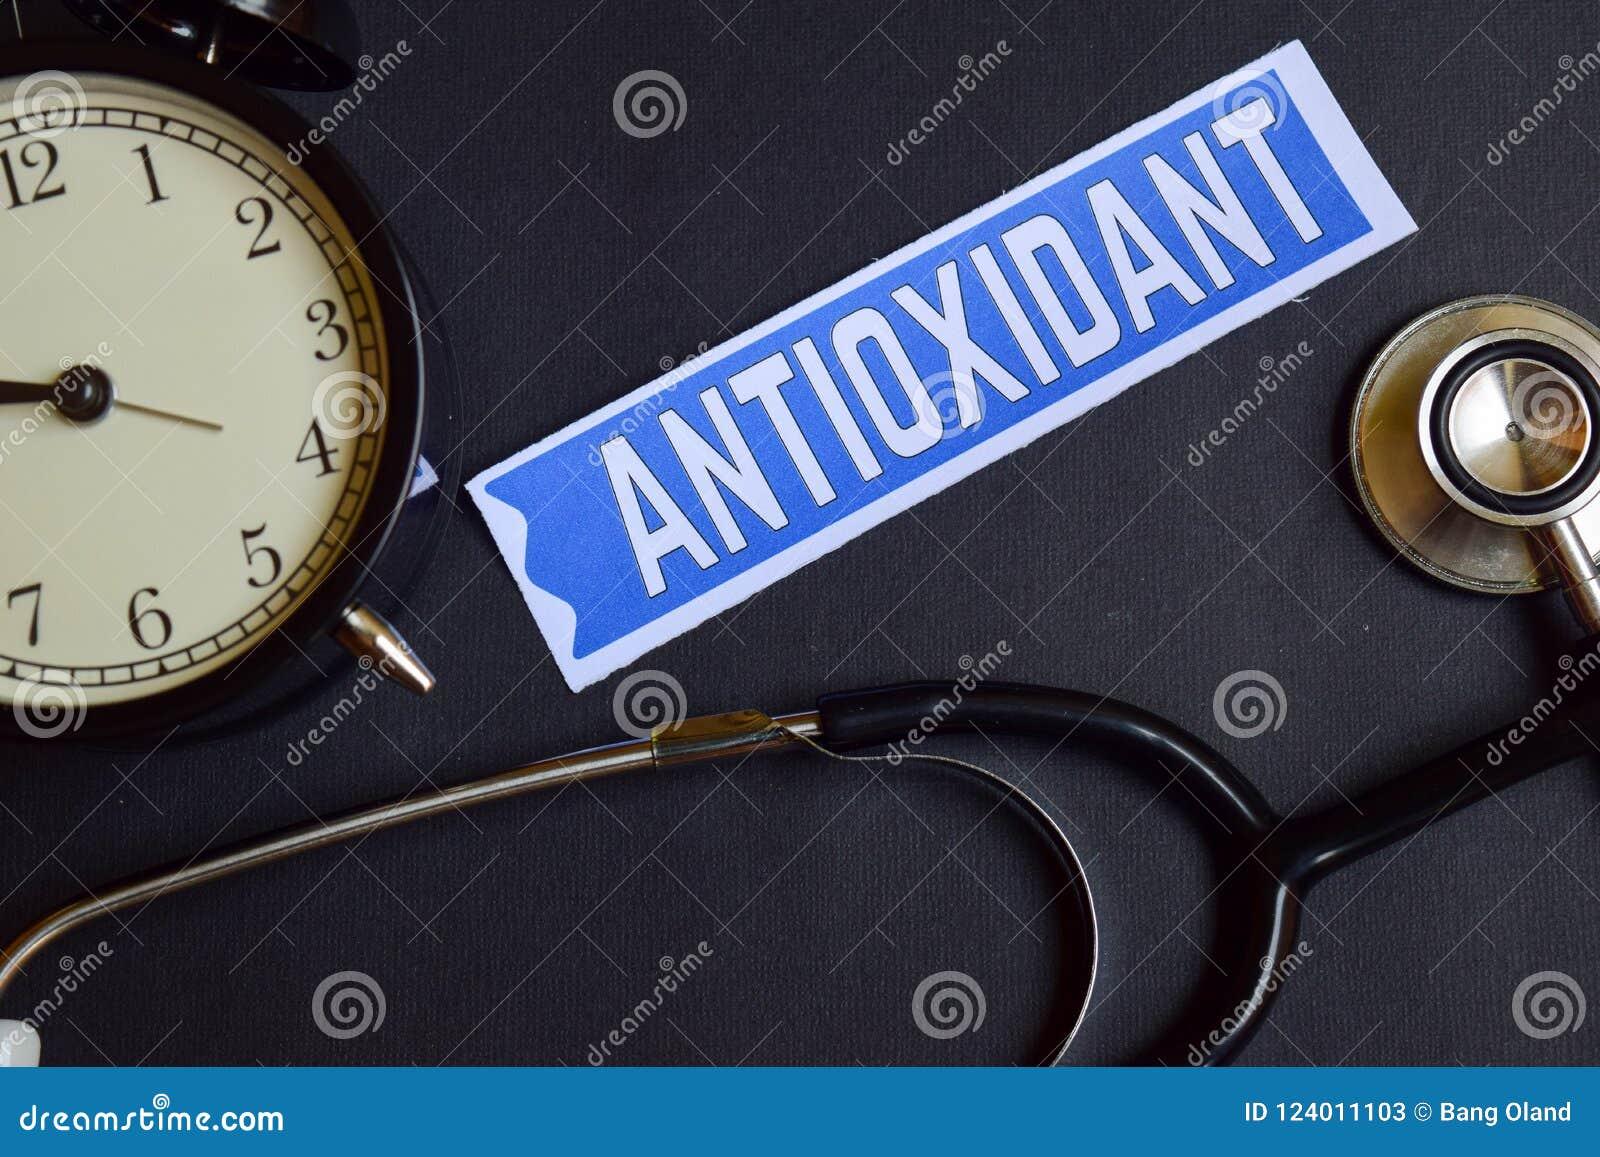 Antioxydant auf dem Papier mit Gesundheitswesen-Konzept-Inspiration Wecker, schwarzes Stethoskop